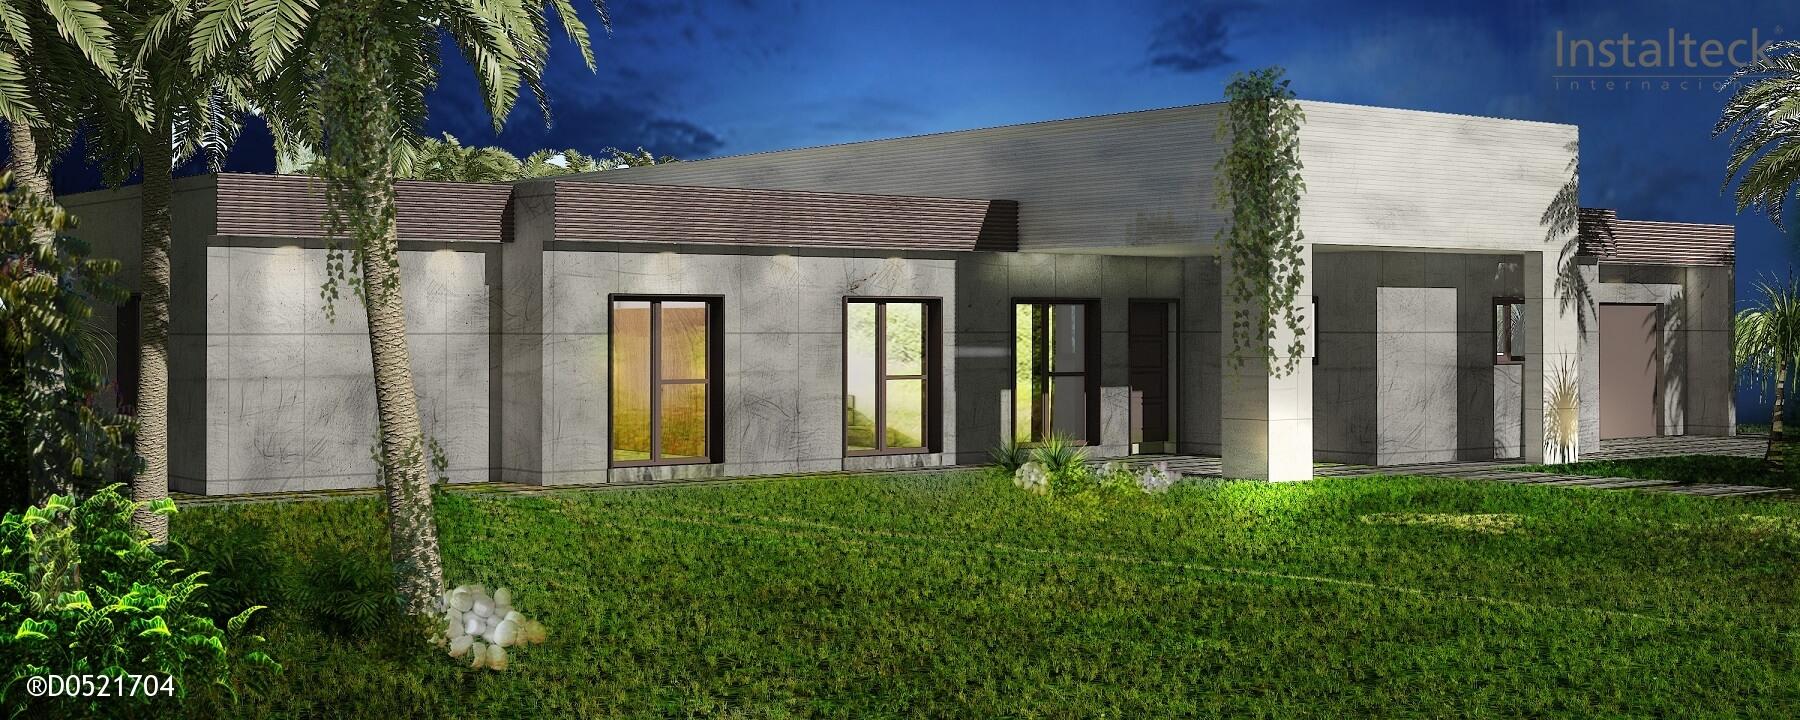 Casas modulares de hormigon precios